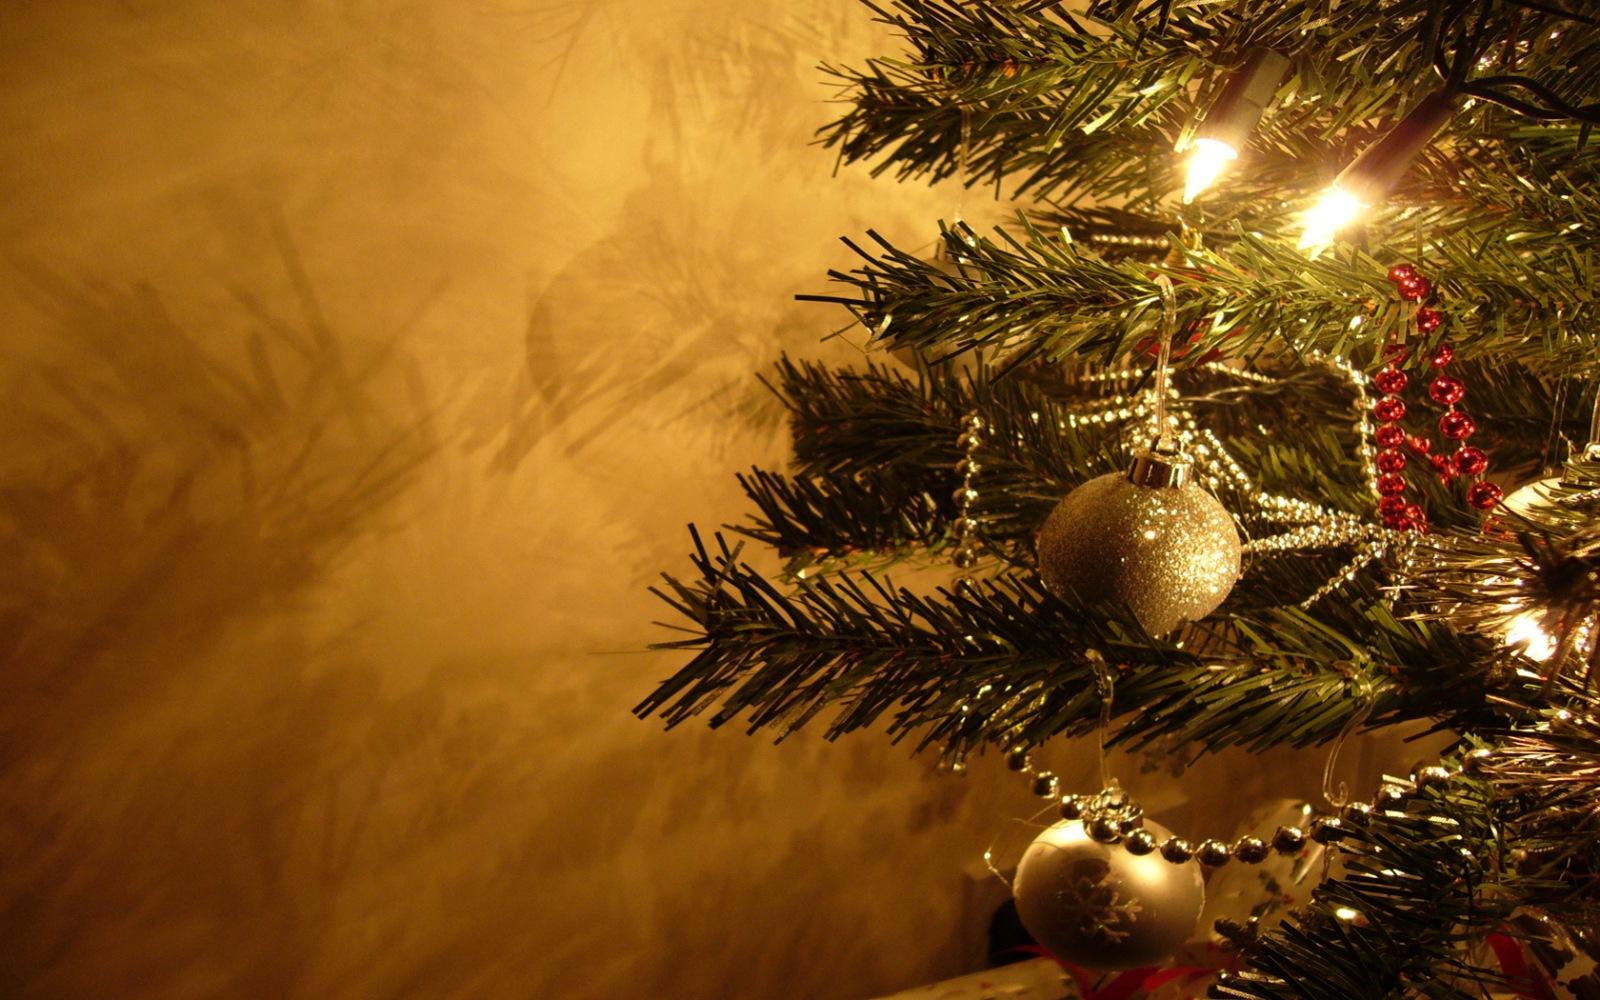 wesołych świąt bożego narodzenia i szczęśliwego nowego roku życzy zespół poradni psychologiczno - pedagogicznej nr 21 w warszawie!